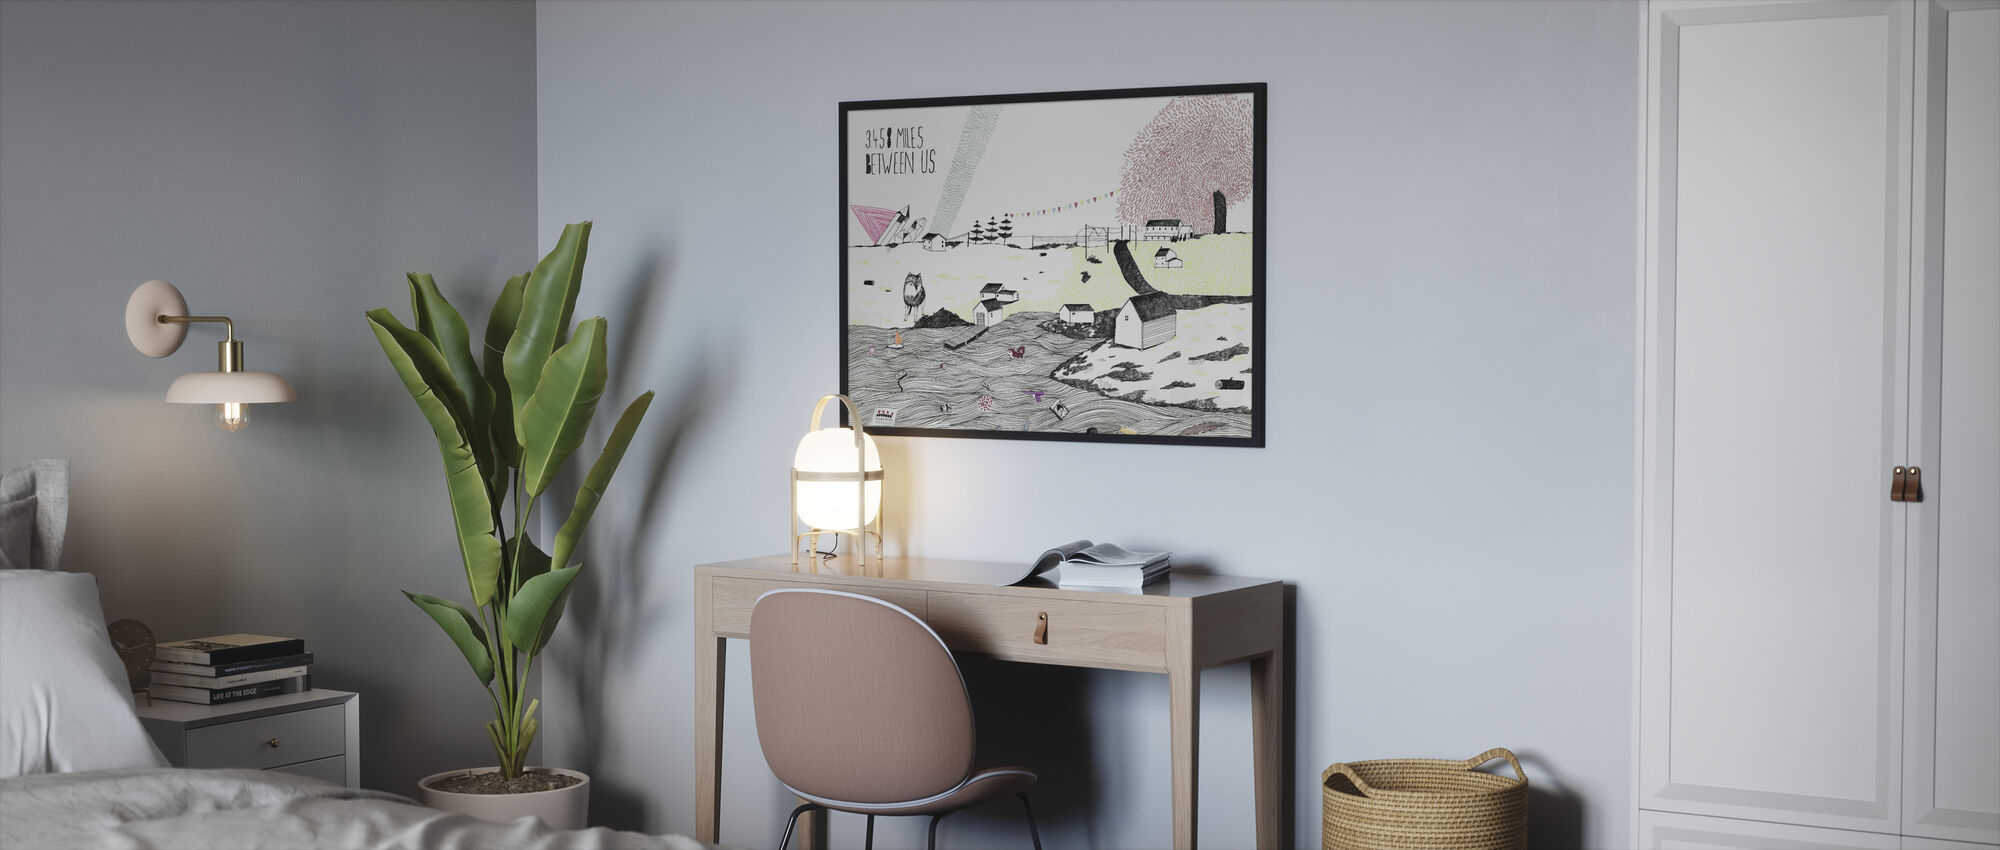 Mijlen tussen ons - Ingelijste print - Slaapkamer